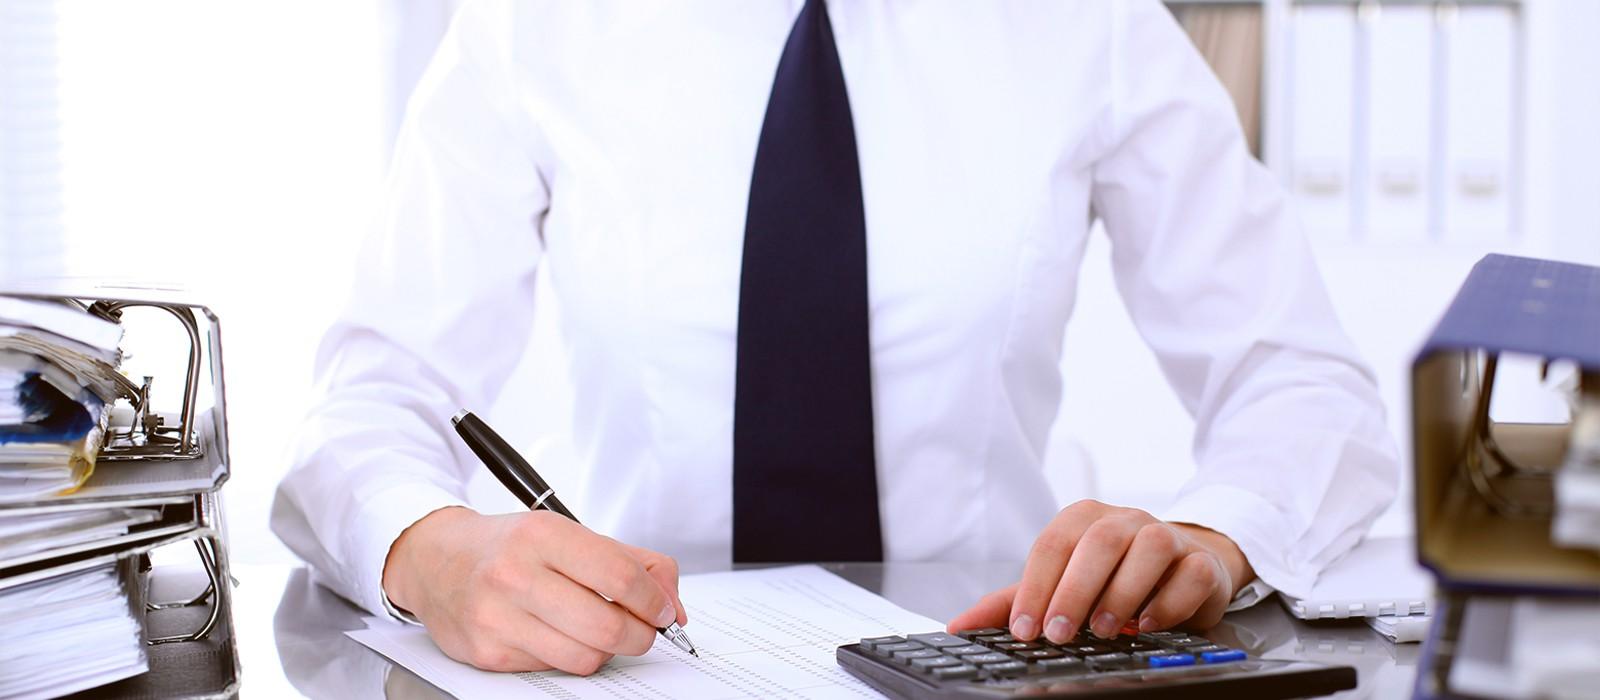 2019最新!銀行二胎房貸利率懶人包:各家銀行二胎房貸商品申辦條件大比較